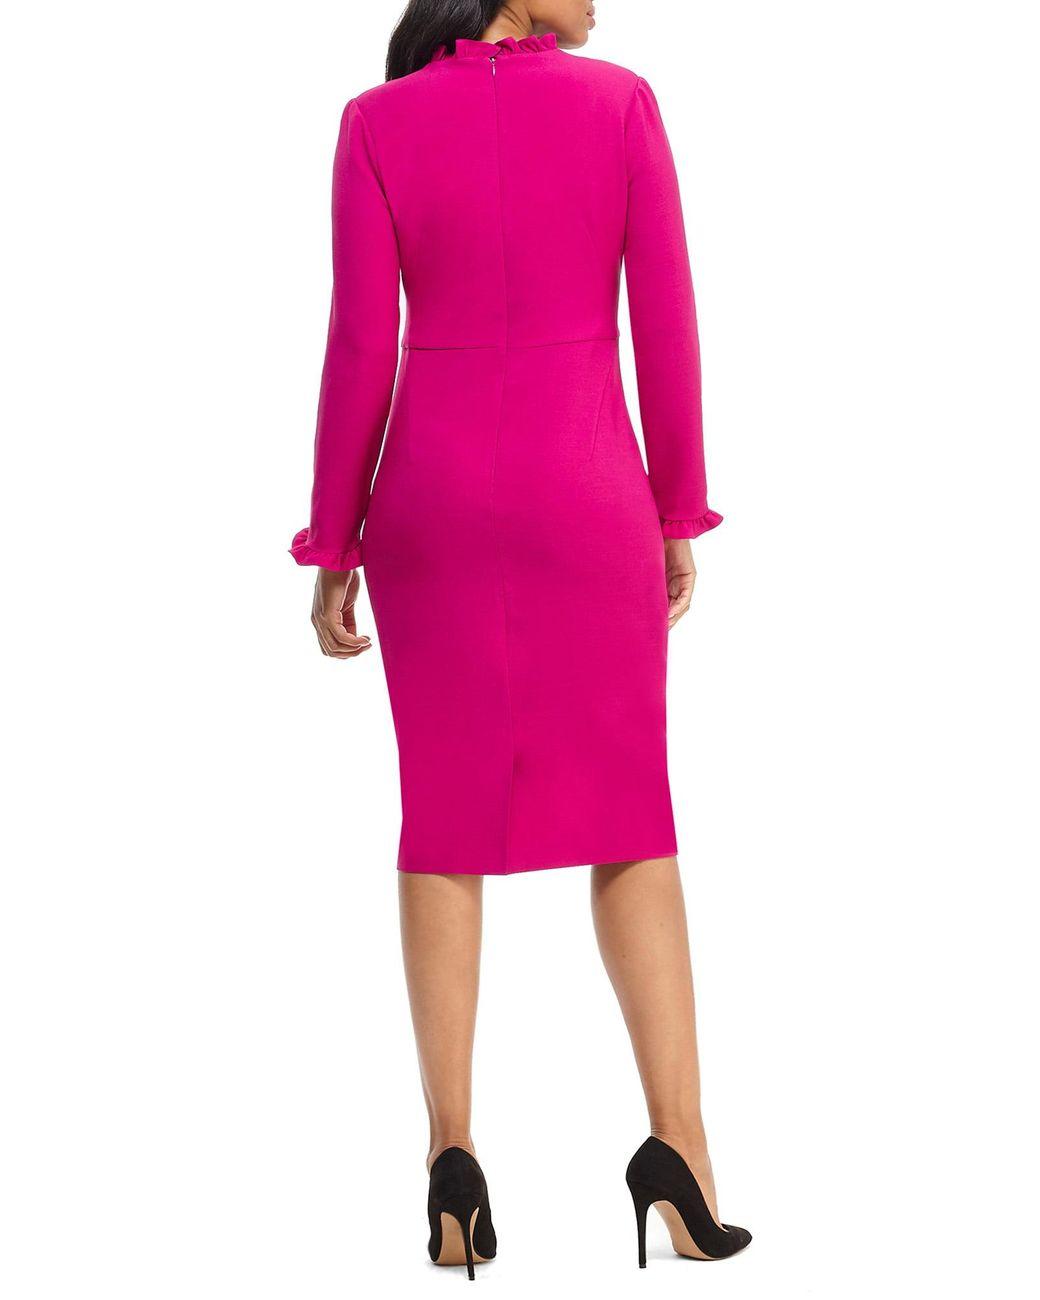 La Maison De Maggy Bondues long sleeve ruffle sheath dress